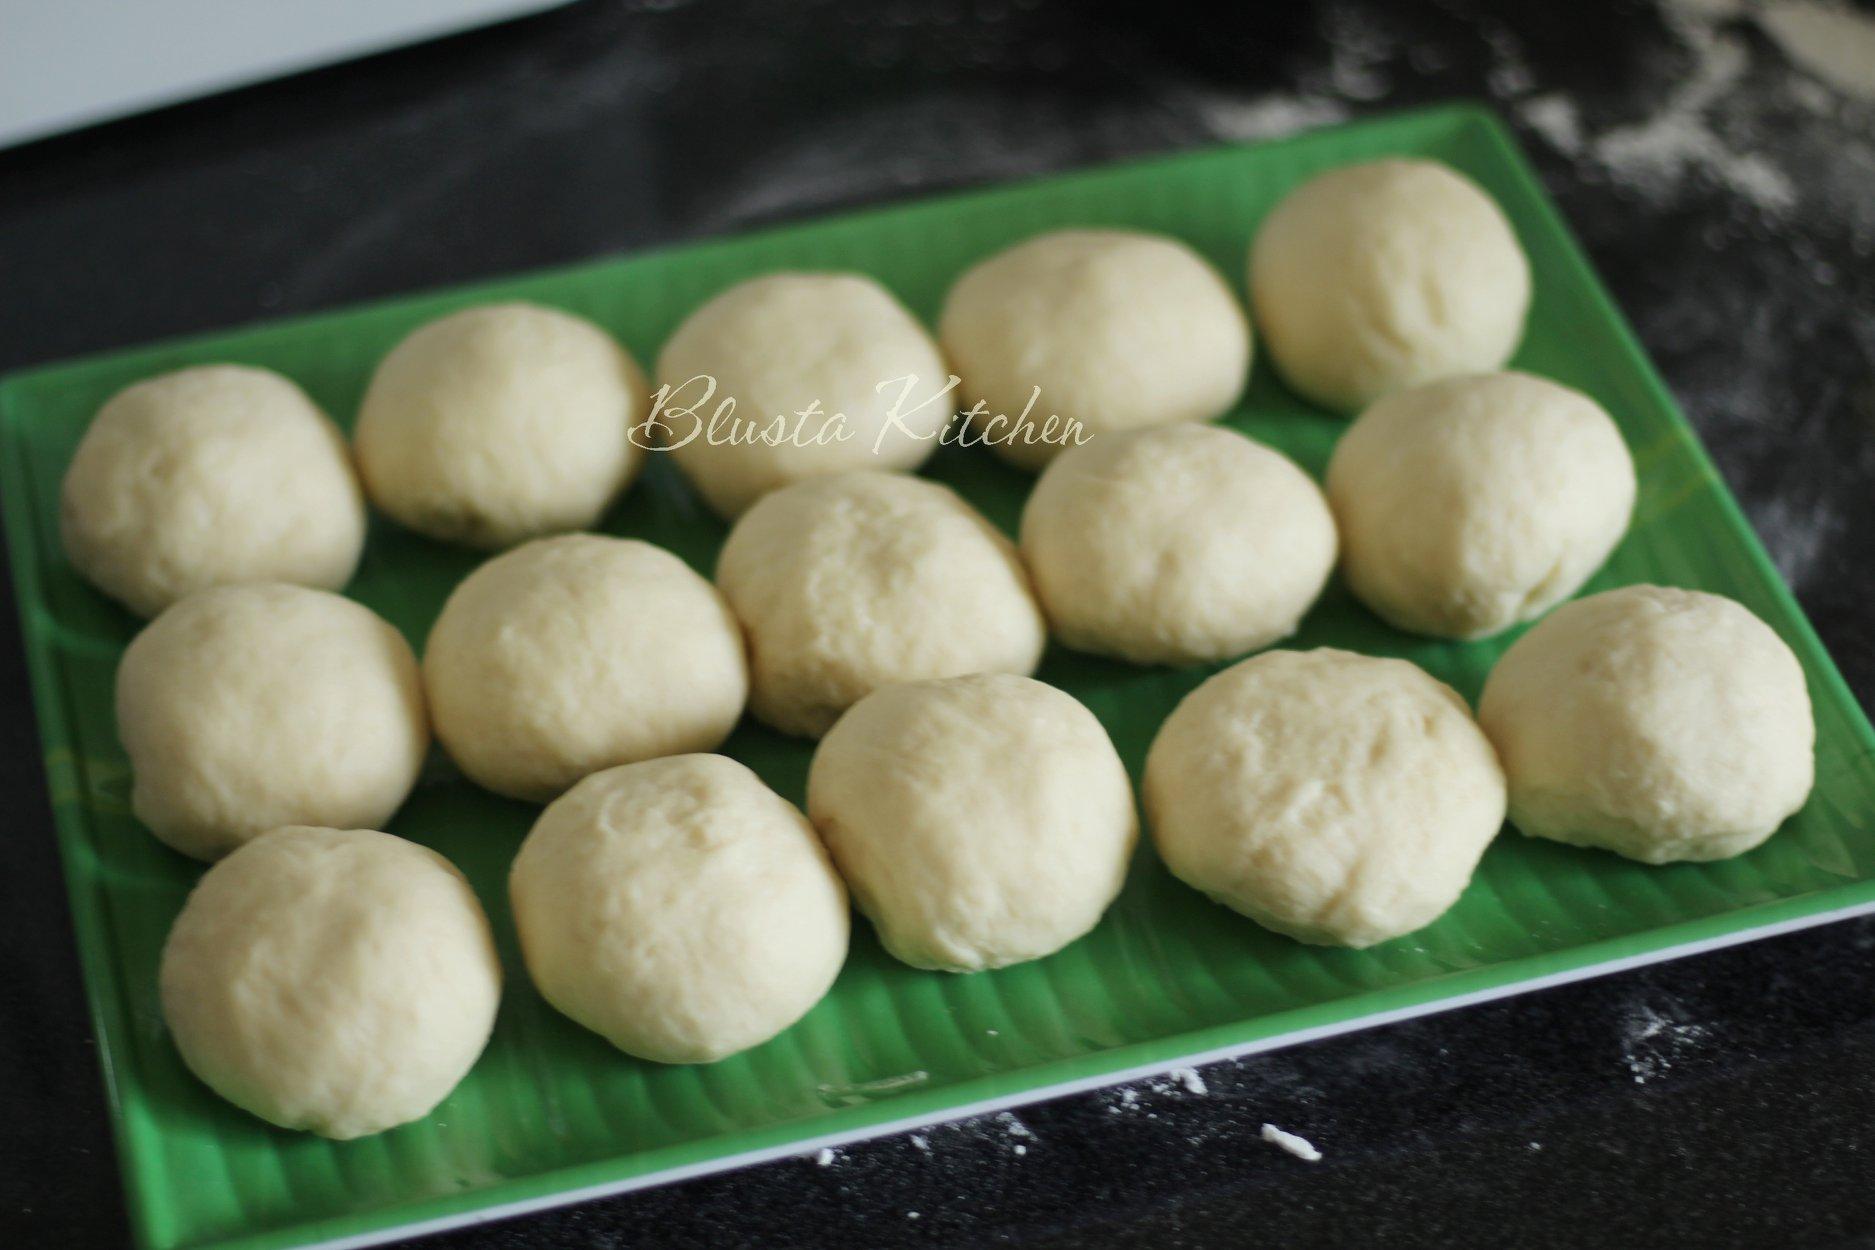 cách làm bánh bao miền trung 9 cách làm bánh bao miền trung Cách làm bánh bao miền Trung ngon thương nhớ cach lam banh bao 9